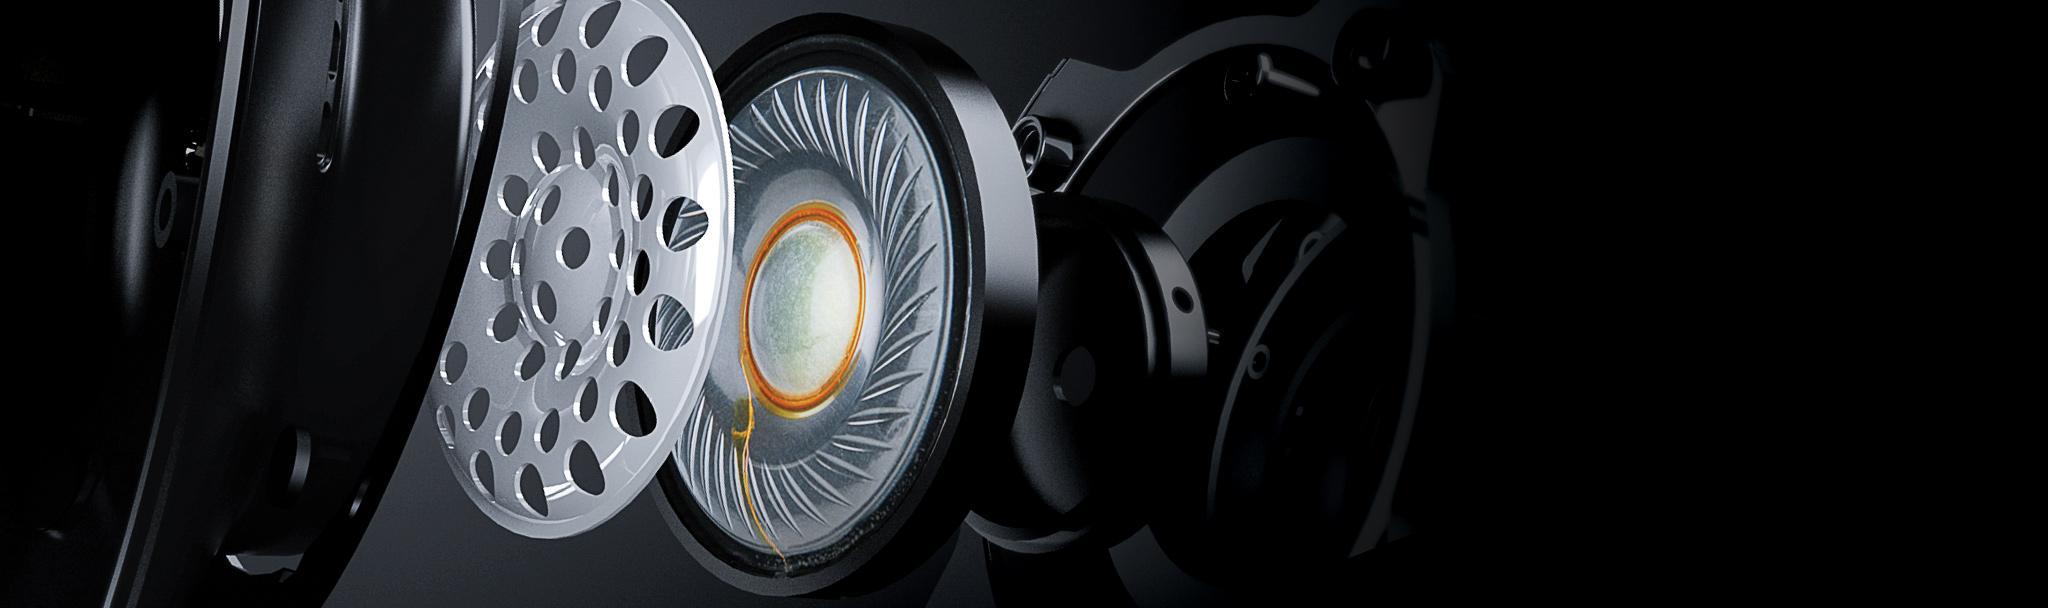 Tai nghe Kingston HyperX Cloud Stinger S_HHSS1S-AA-BK/G sở hữu driver 50mm cho âm thanh sống động